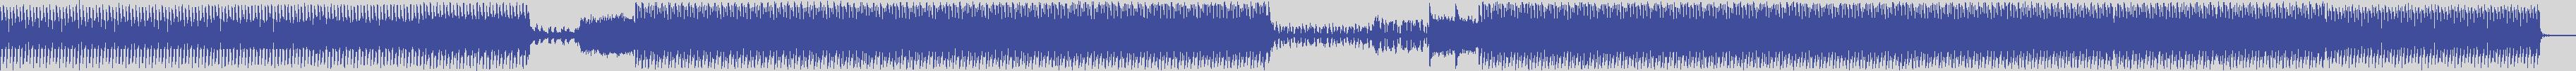 just_digital_records [JS1143] Homeboyz - Psyco [Original Mix] audio wave form